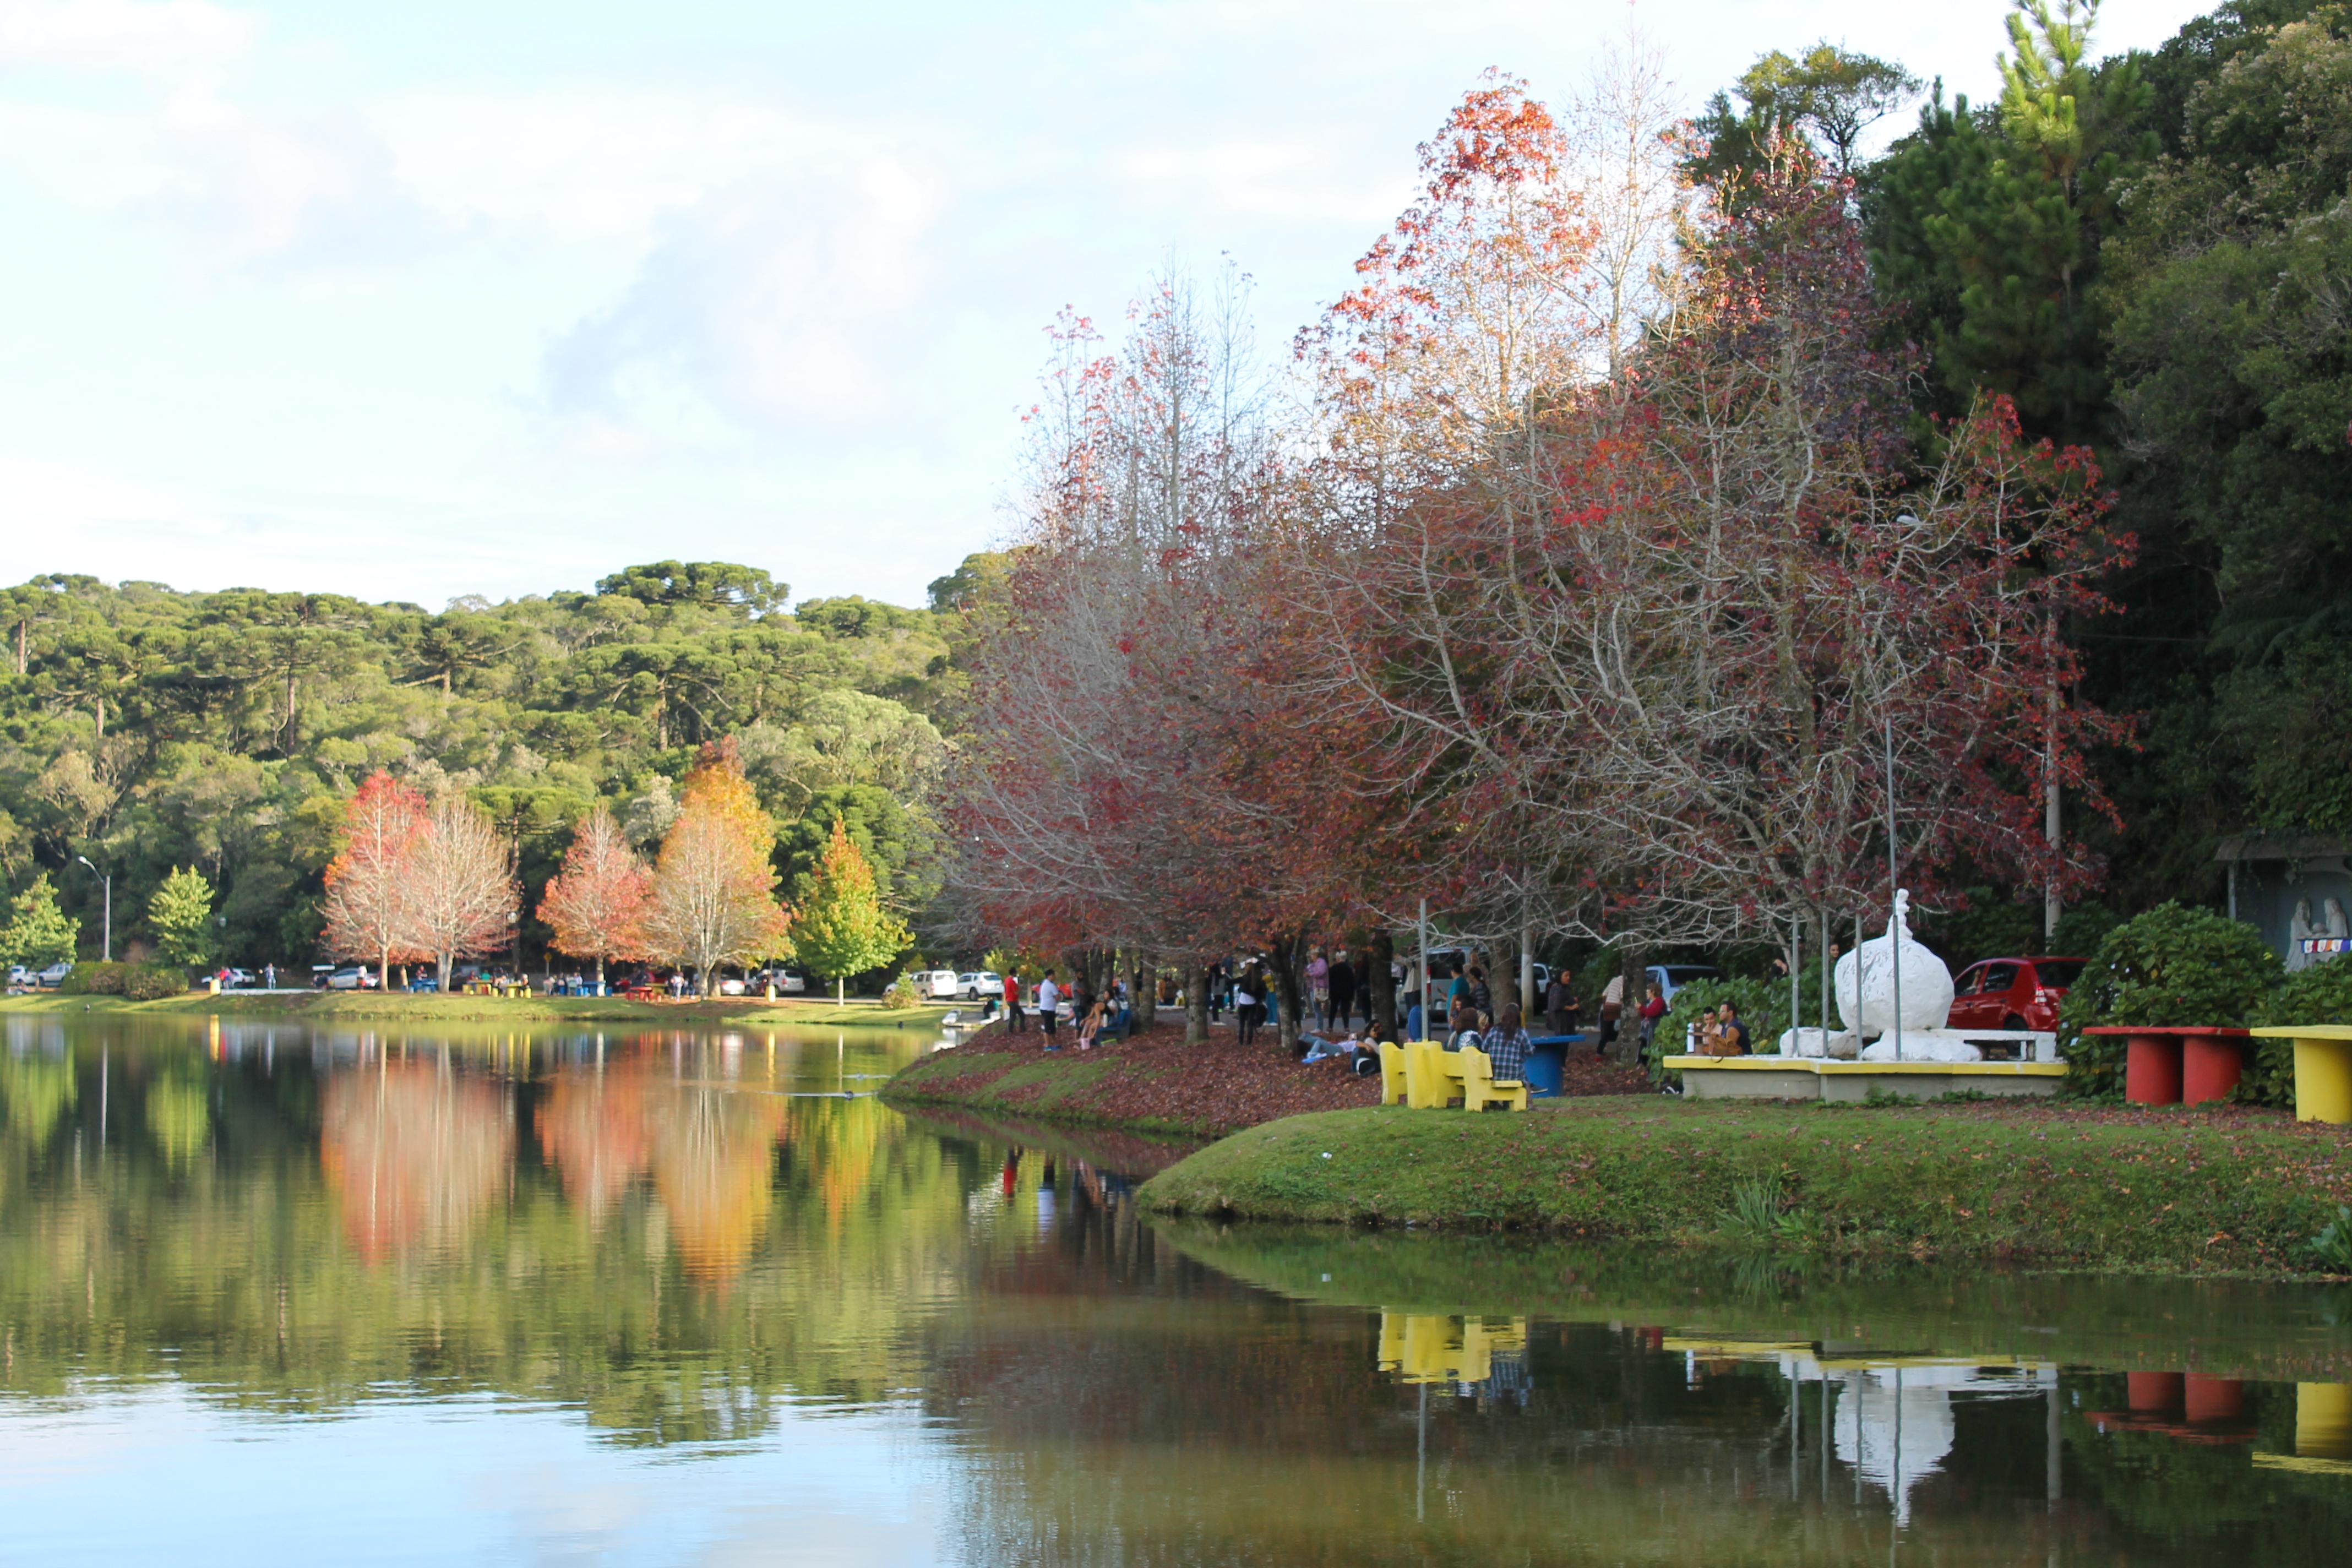 São Francisco de Paula Rio Grande do Sul fonte: upload.wikimedia.org